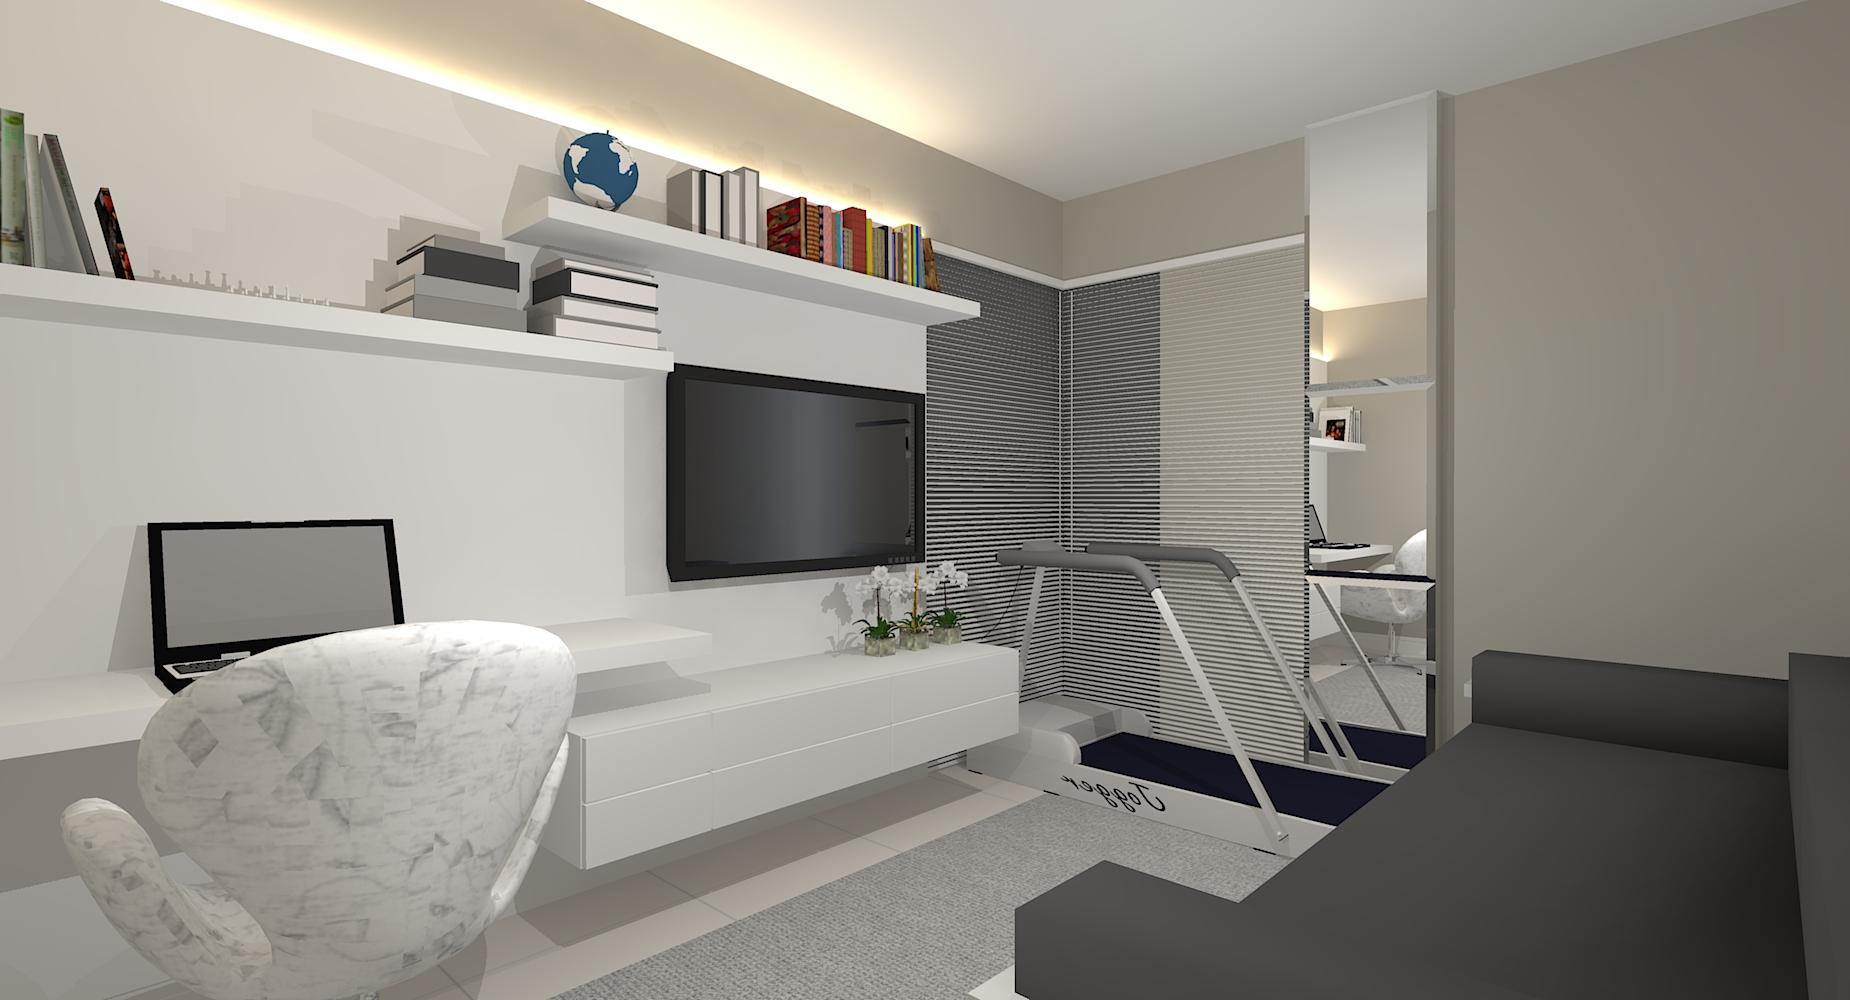 #63463B com sala de jantar sala de estar e quarto juntos # decoracao de sala  1850x1000 píxeis em Decoração Sala De Estar Rack